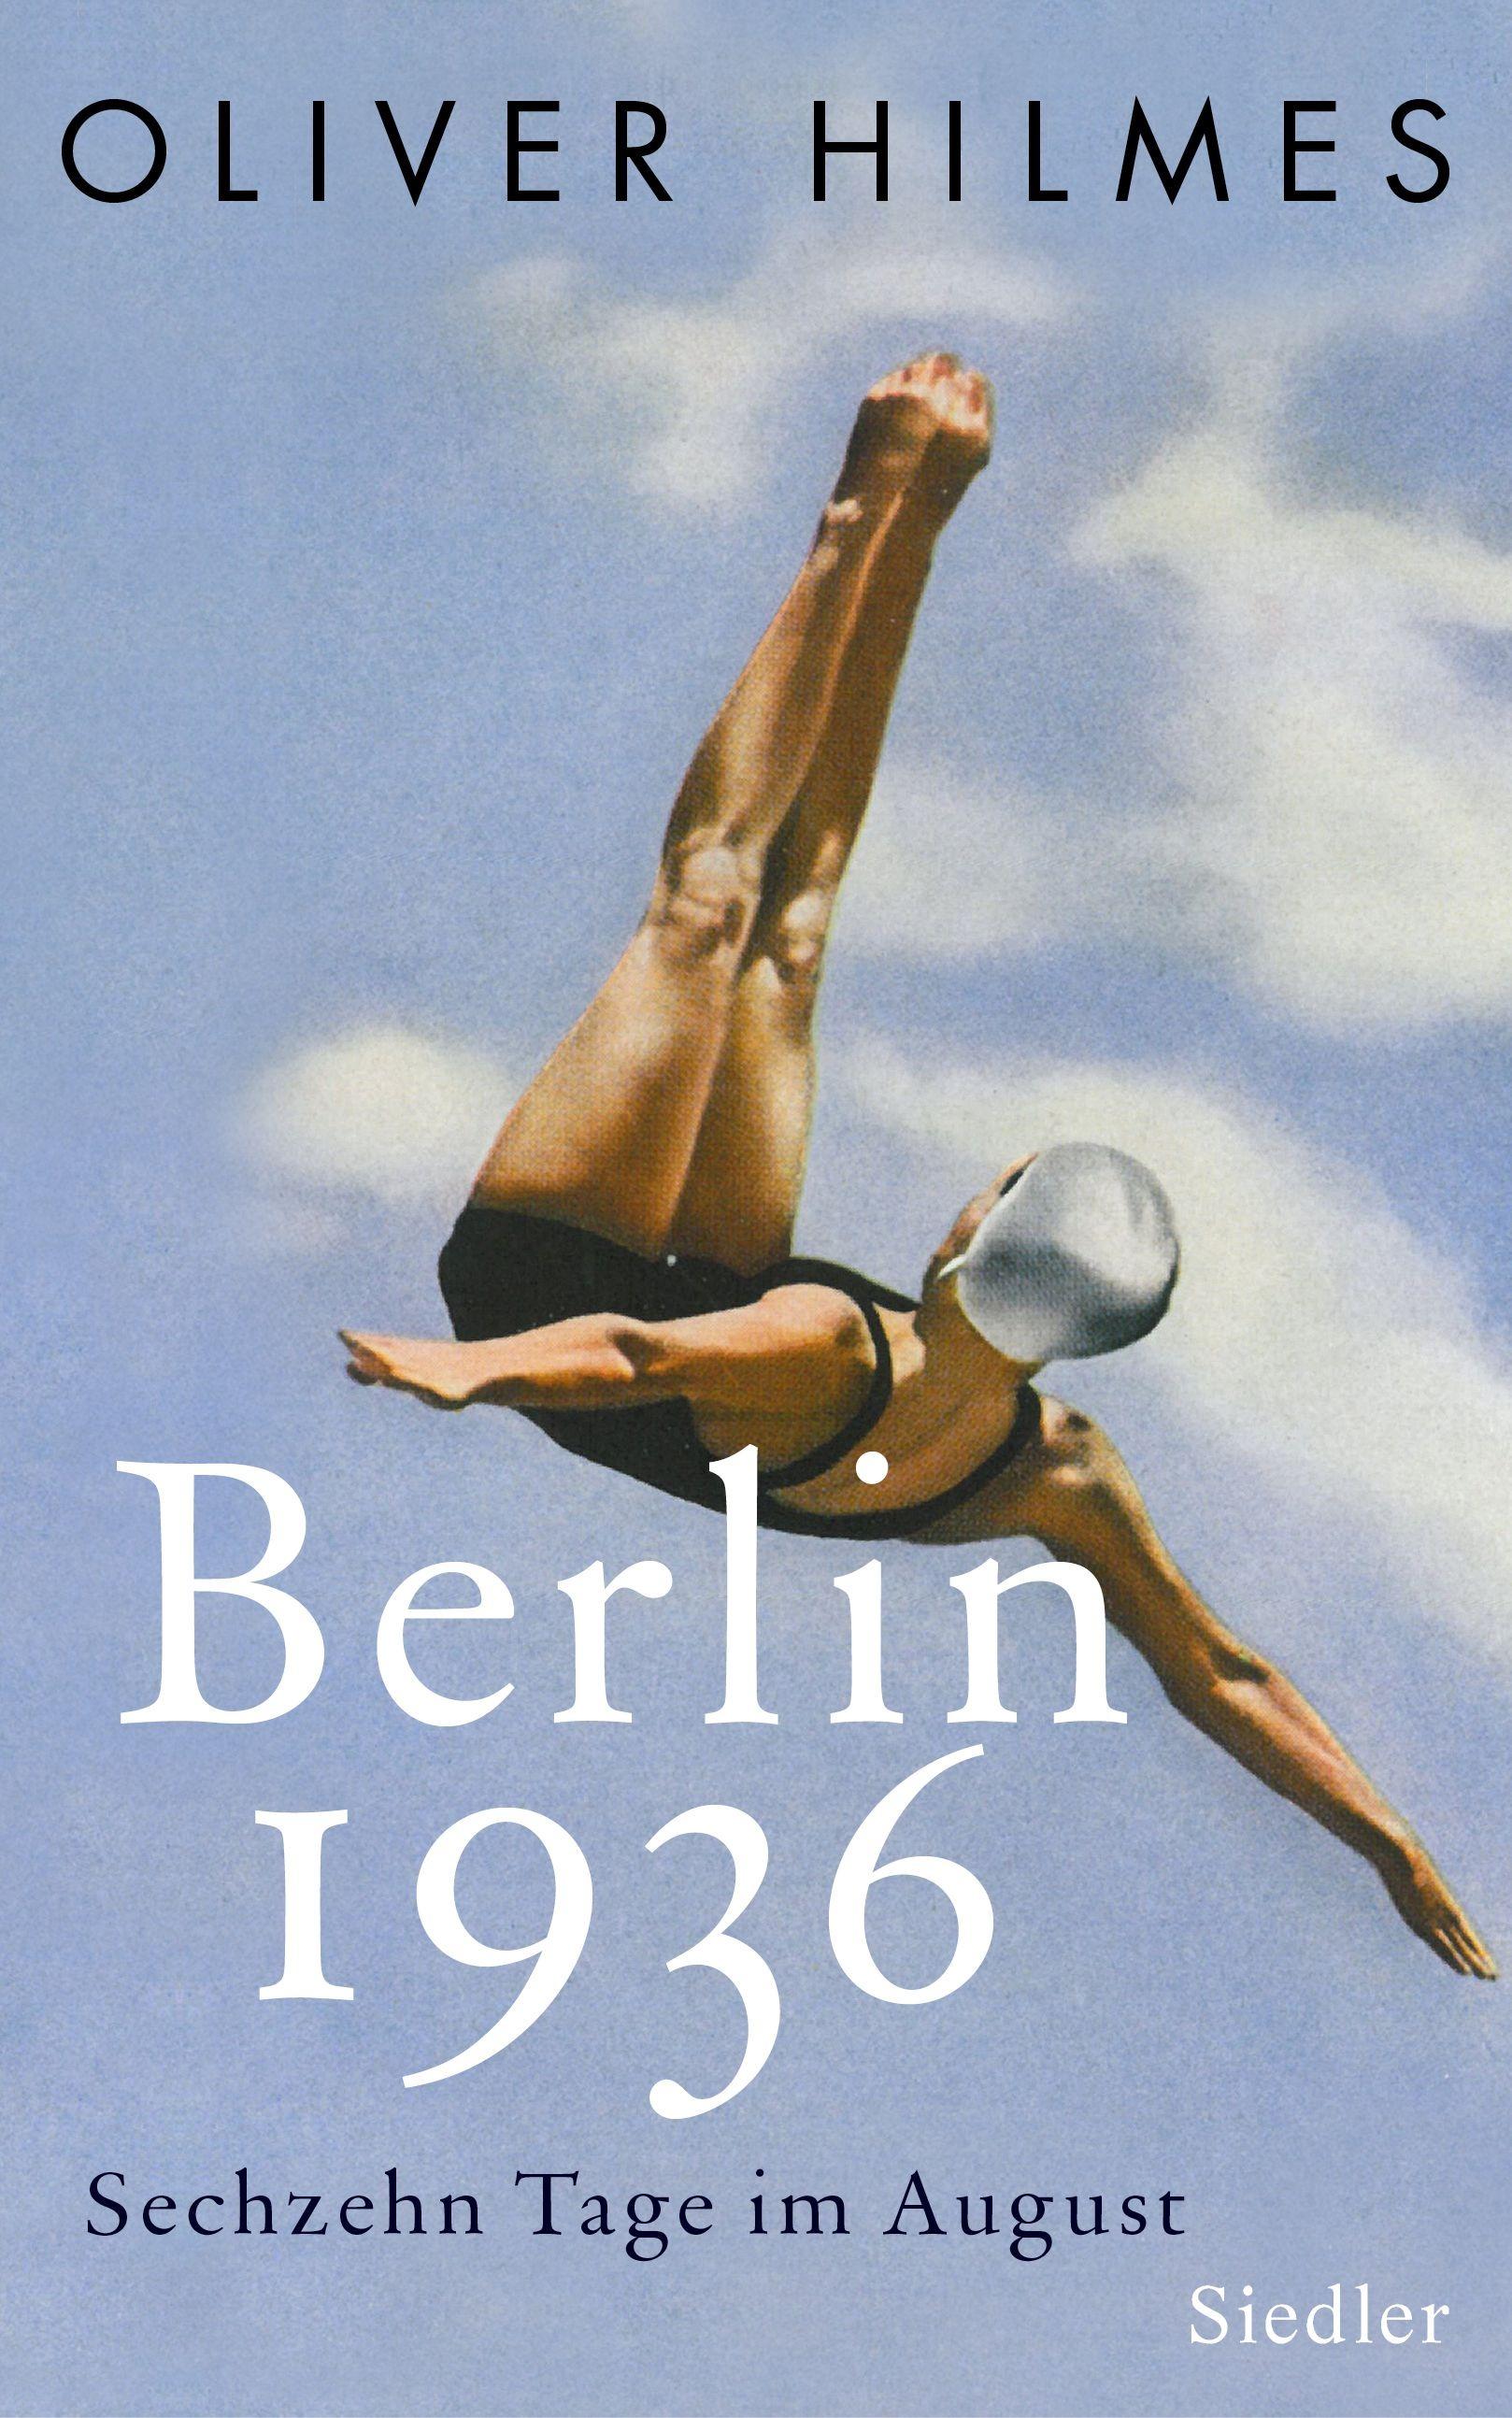 © Siedler Verlag/Random House